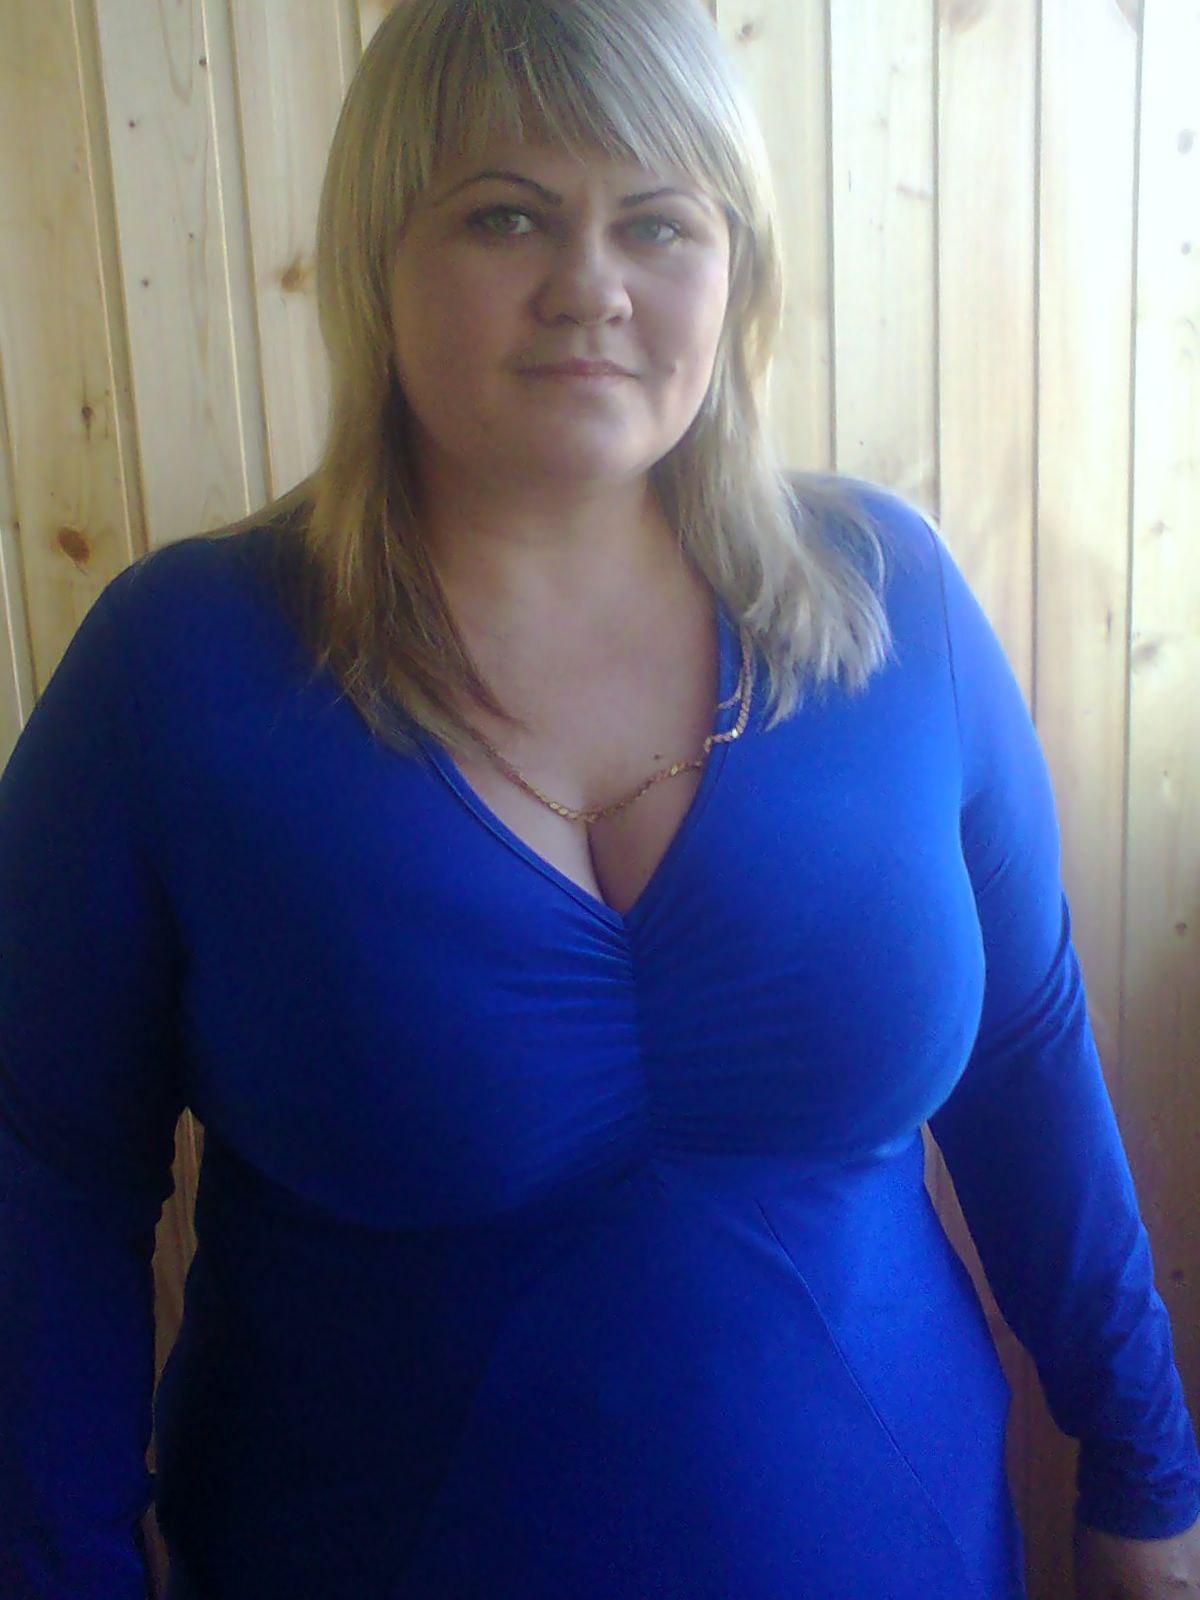 Фото полных женщин (23 фото) - Катюша, 35 лет, Воронеж